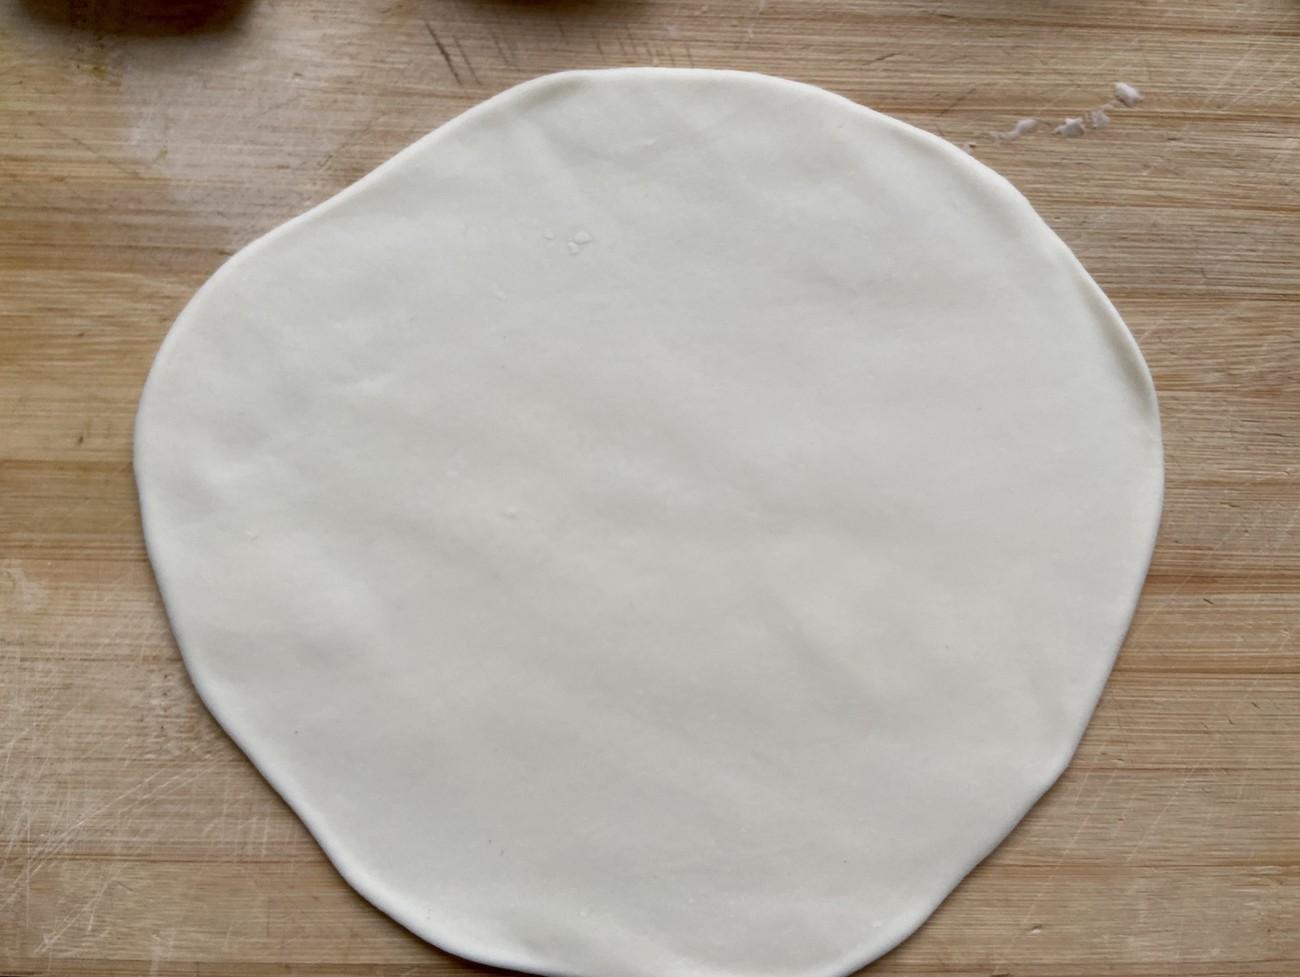 葱油饼怎么做才外酥里嫩?原来和面有技巧,做对了比手抓饼还好吃 亨饪技巧 第8张